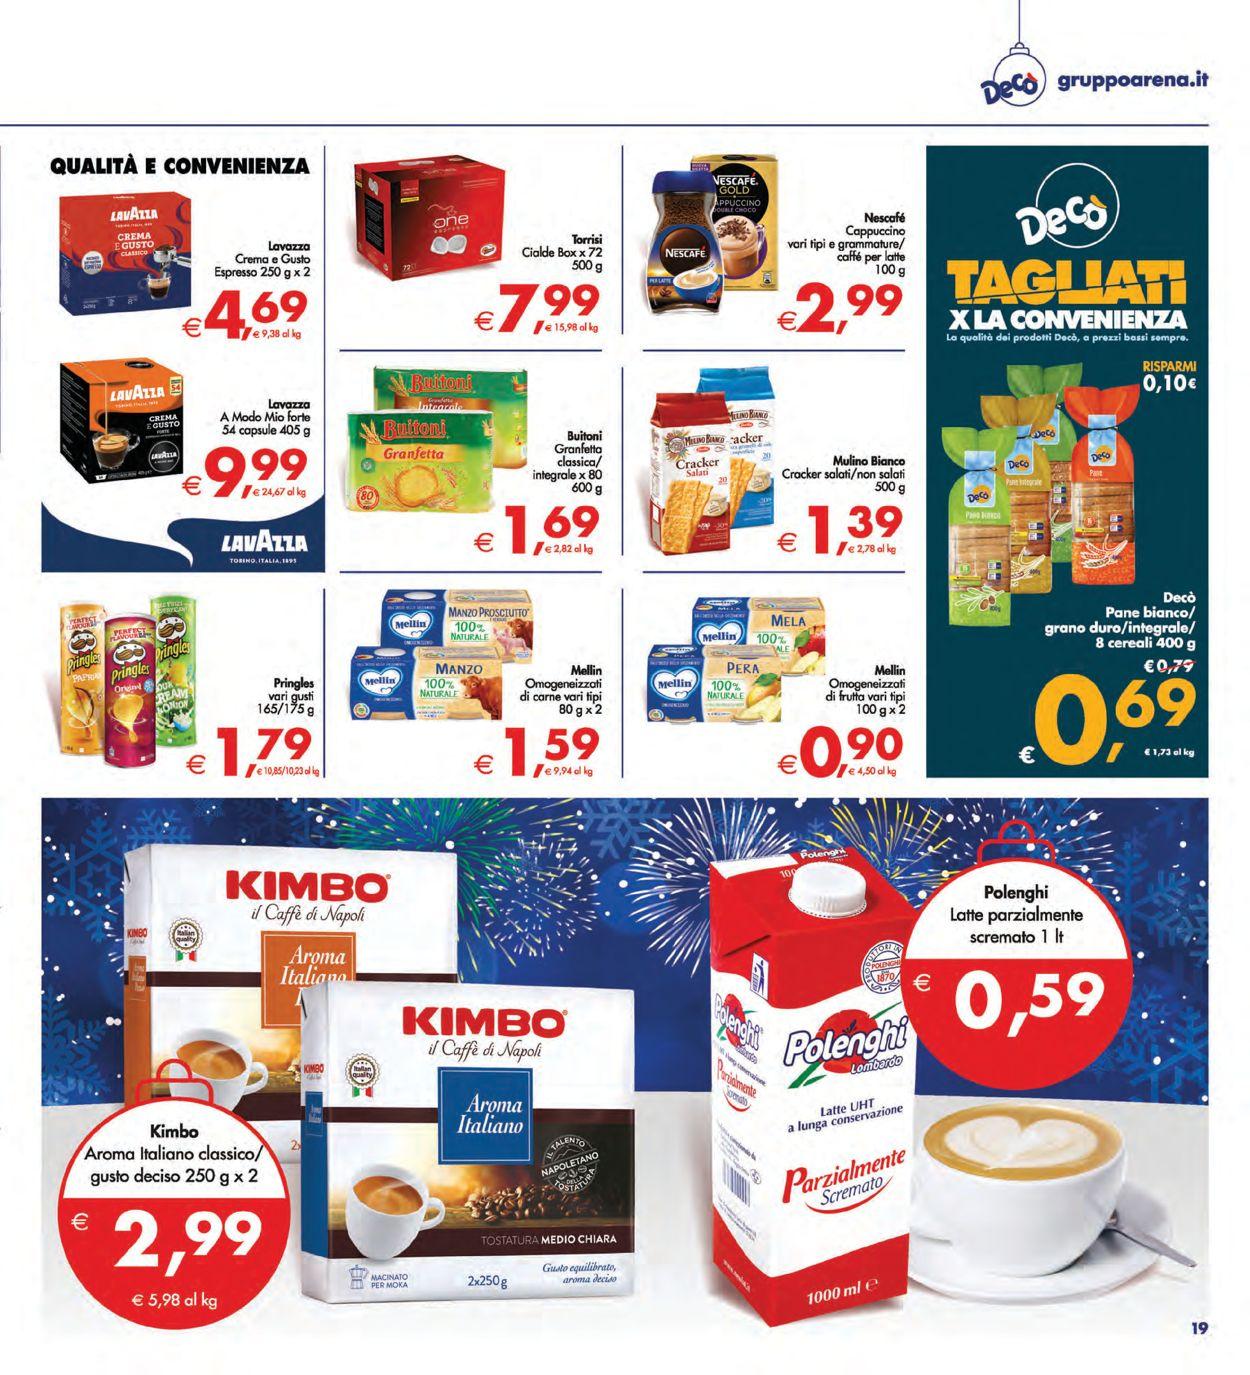 Volantino Deco -  Capodanno 2021 - Offerte 28/12-07/01/2021 (Pagina 19)